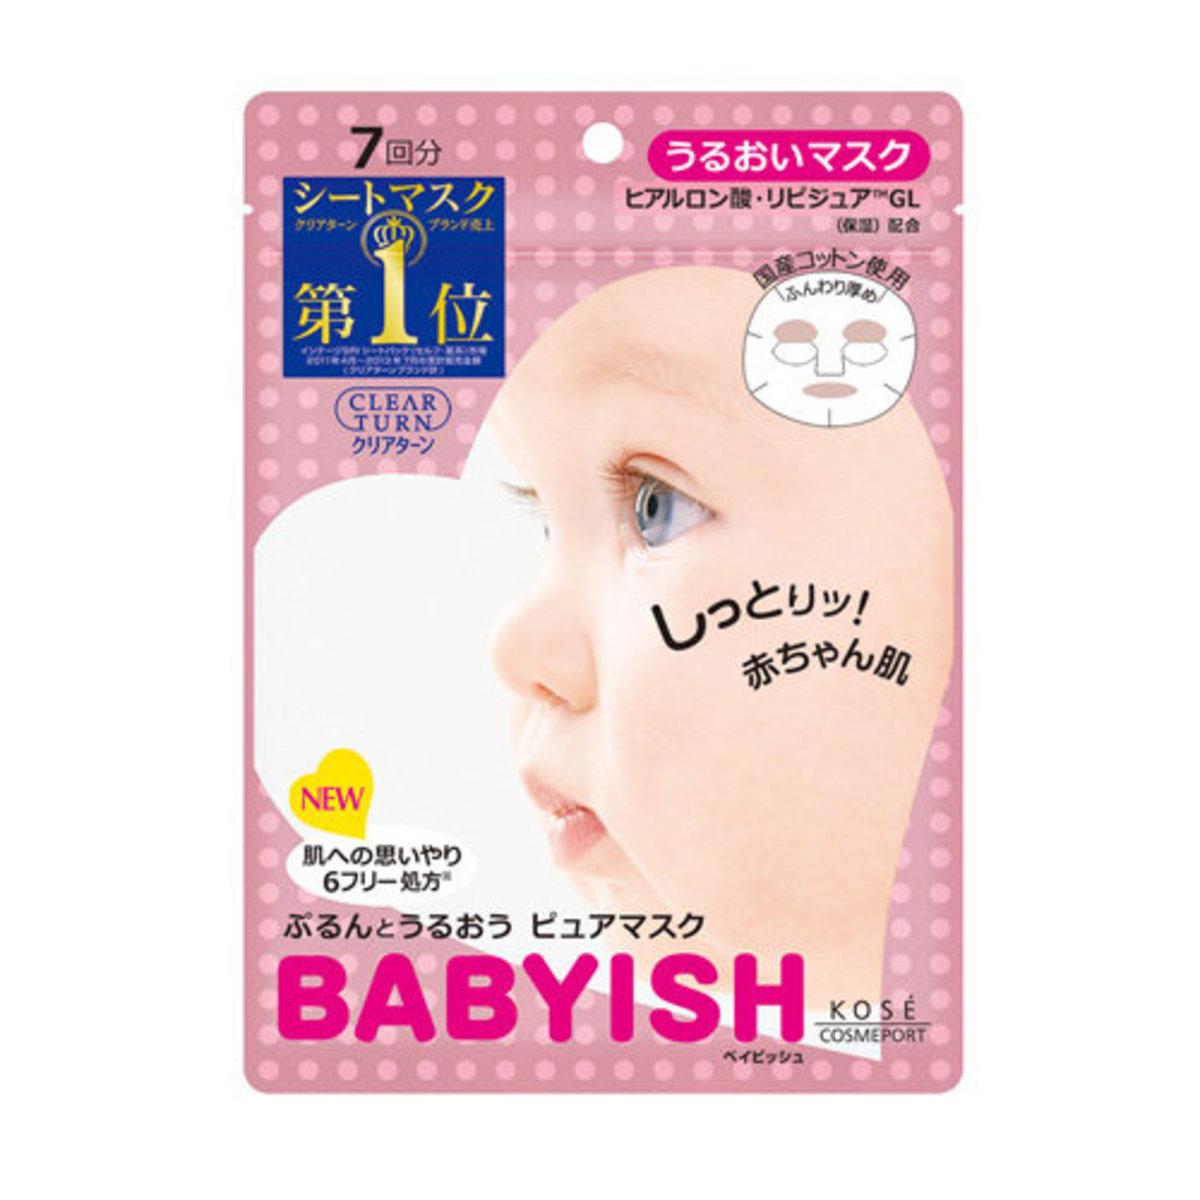 Babyish Hyaluronic Acid Moisturizing Mask 7 Sheets (Pink) 【Parallel Imports】